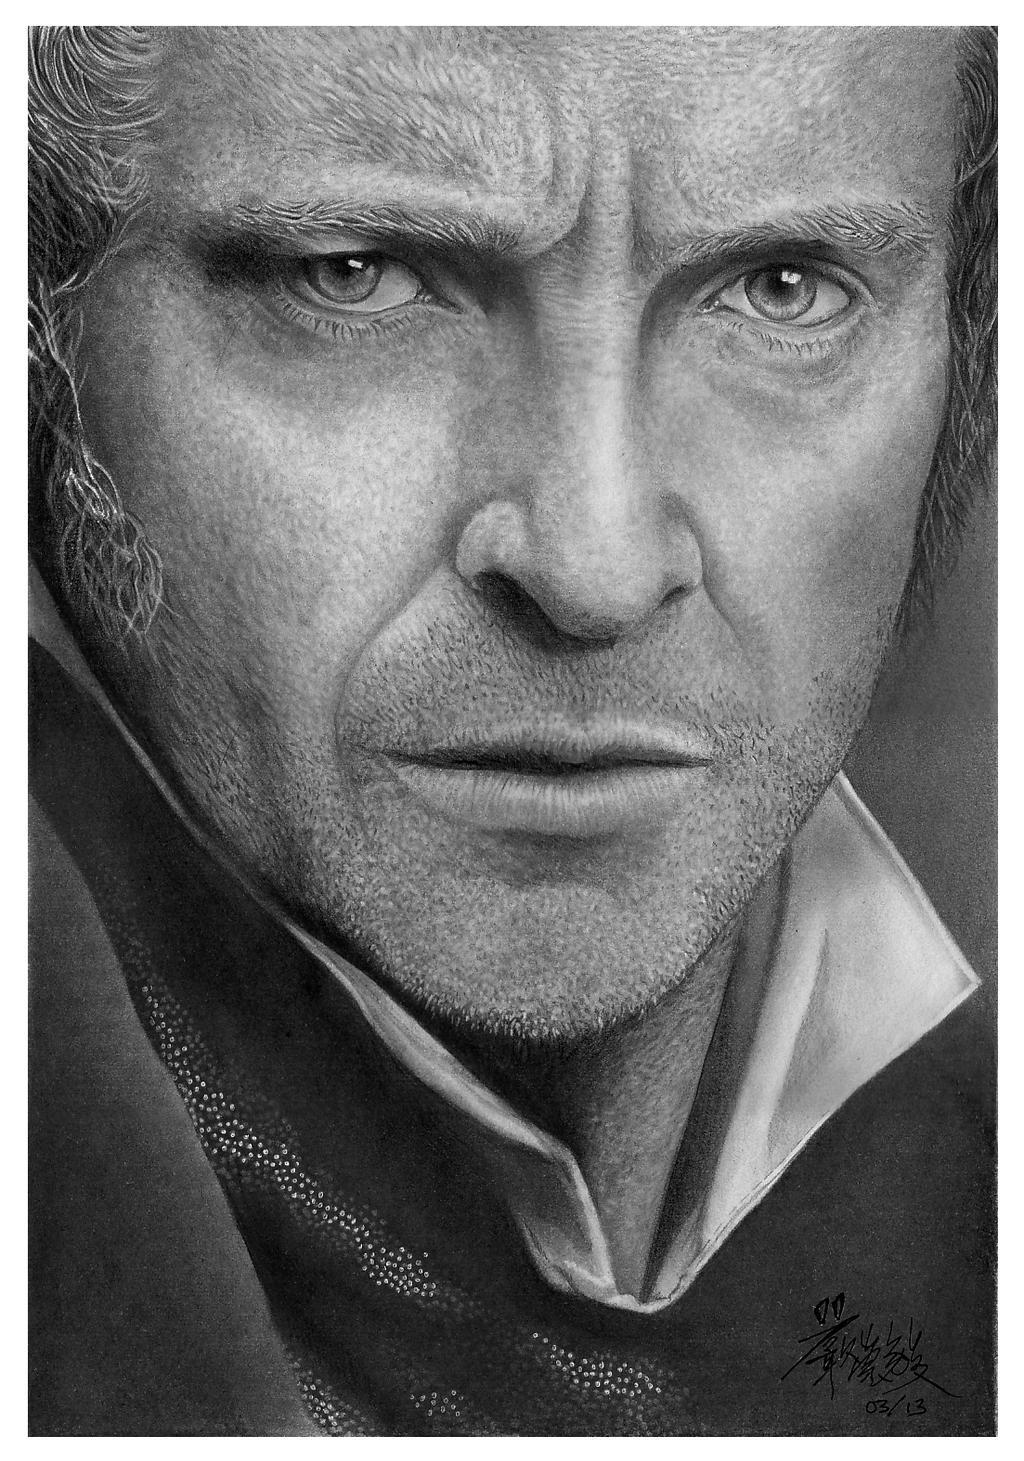 [Les Miserables Fan Art] Jean Valjean by chong-yi